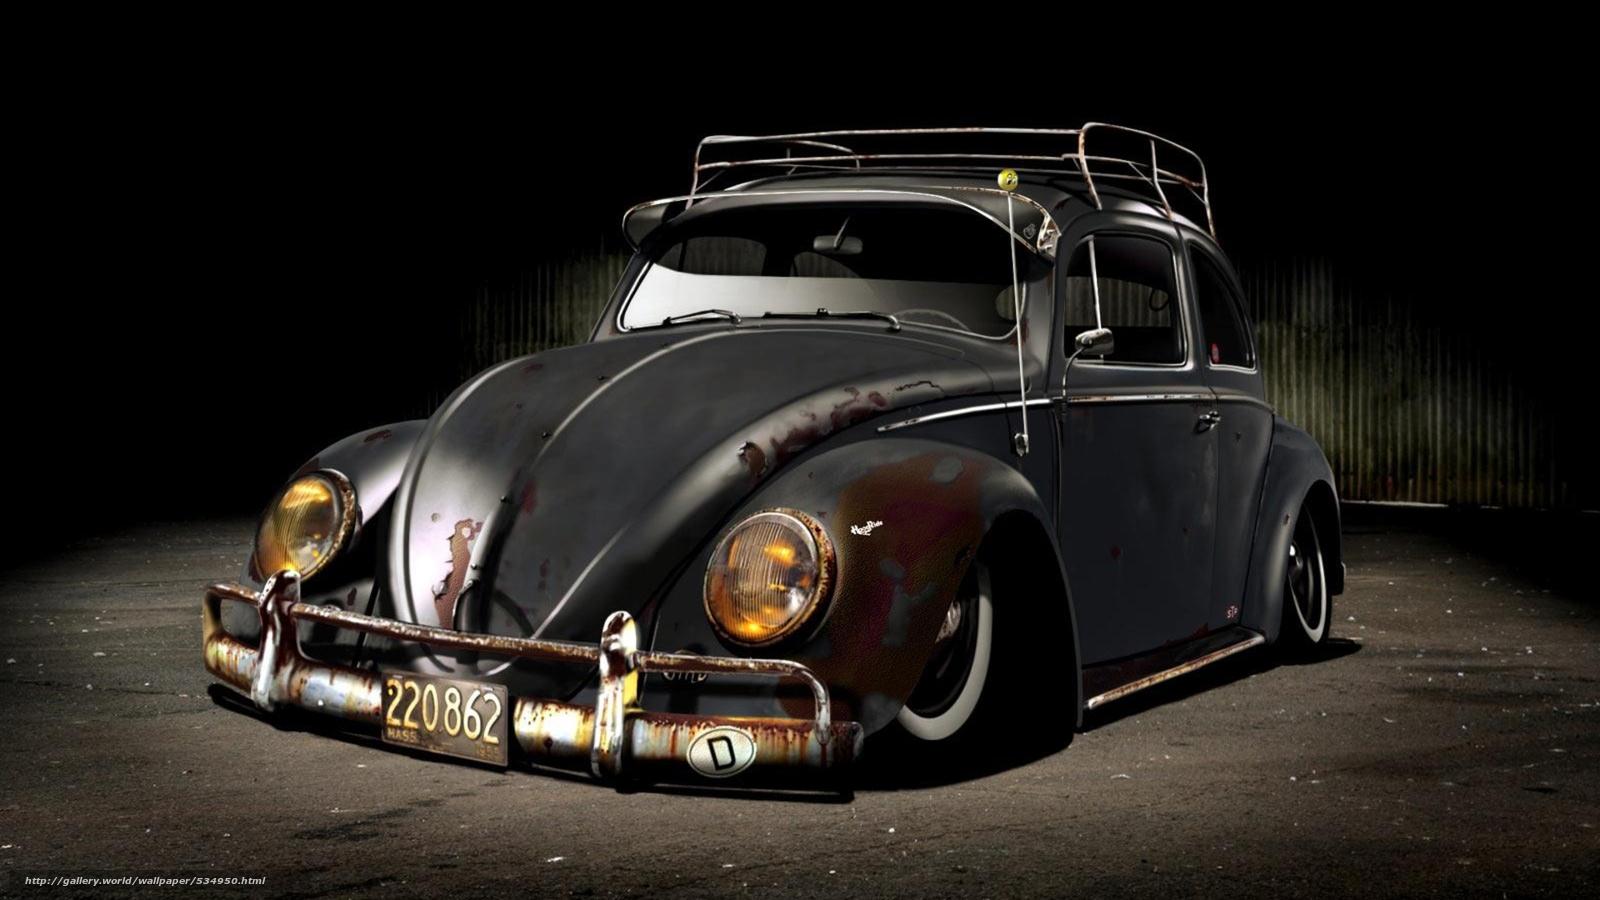 scaricare gli sfondi Volkswagen Sfondi gratis per la risoluzione del desktop 1920x1080 — immagine №534950